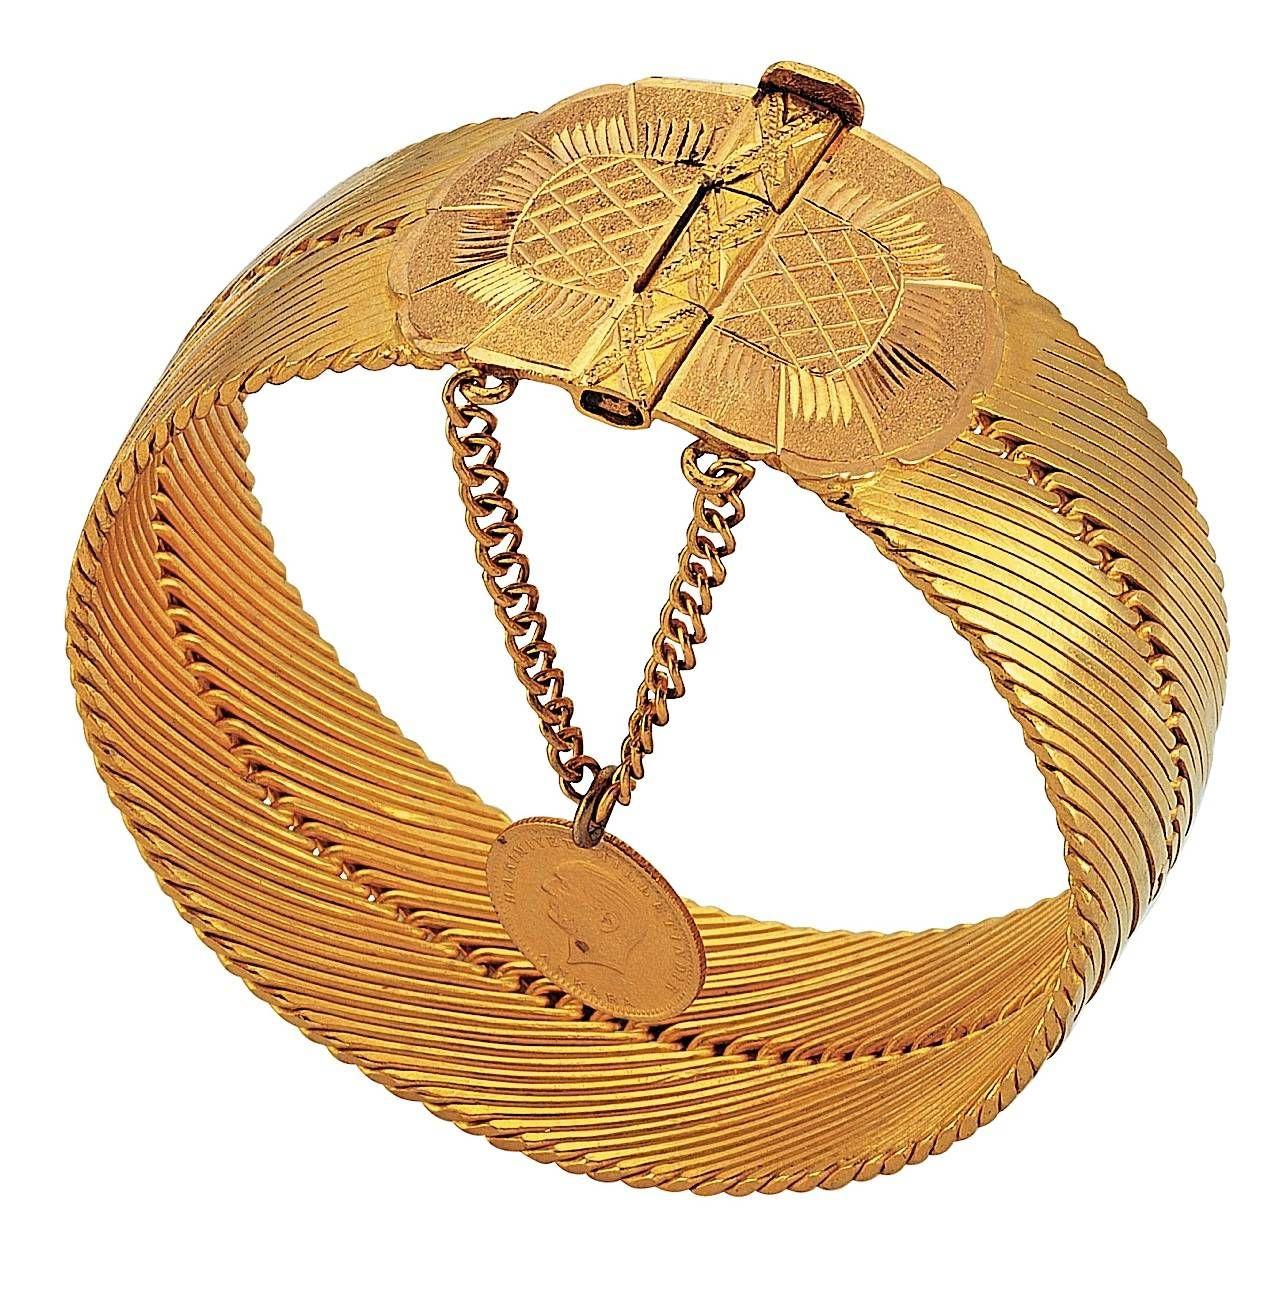 diyarbakır hasırı   Diyarbakır   Pinterest   Gold, Bracelets and ...